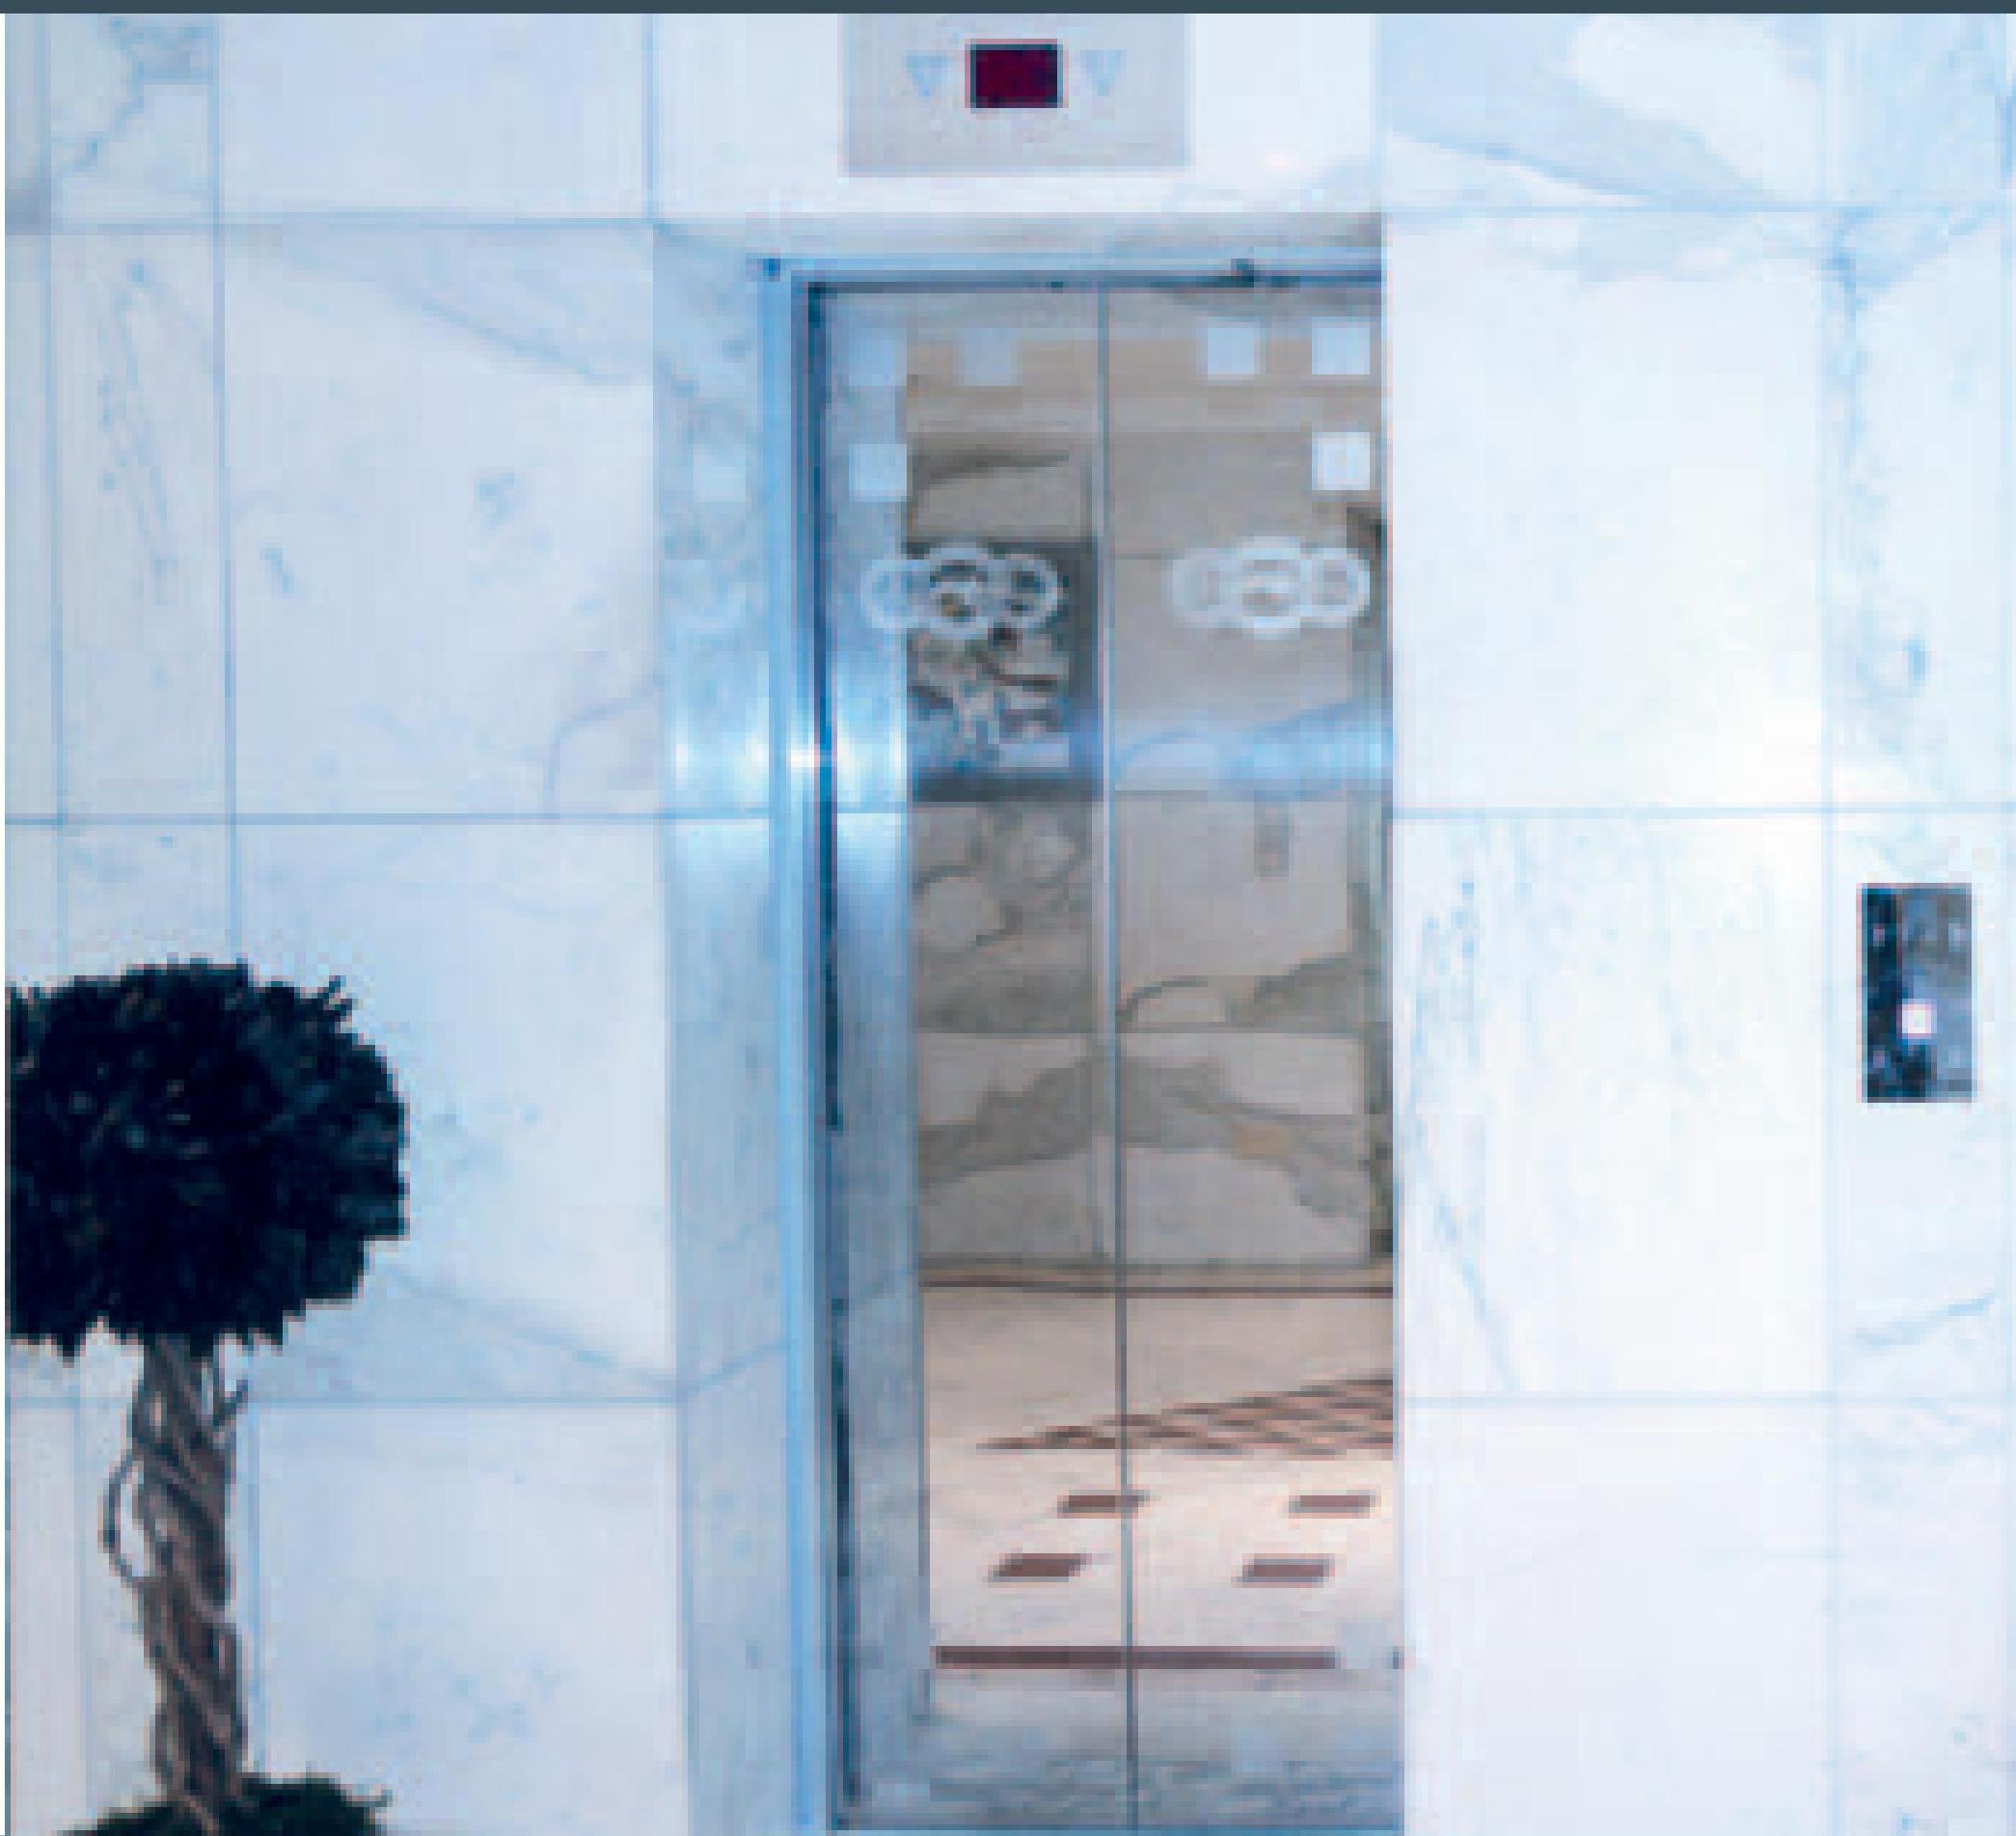 Cкільки коштує ліфт для середньої і великої висоти підйому AMBER